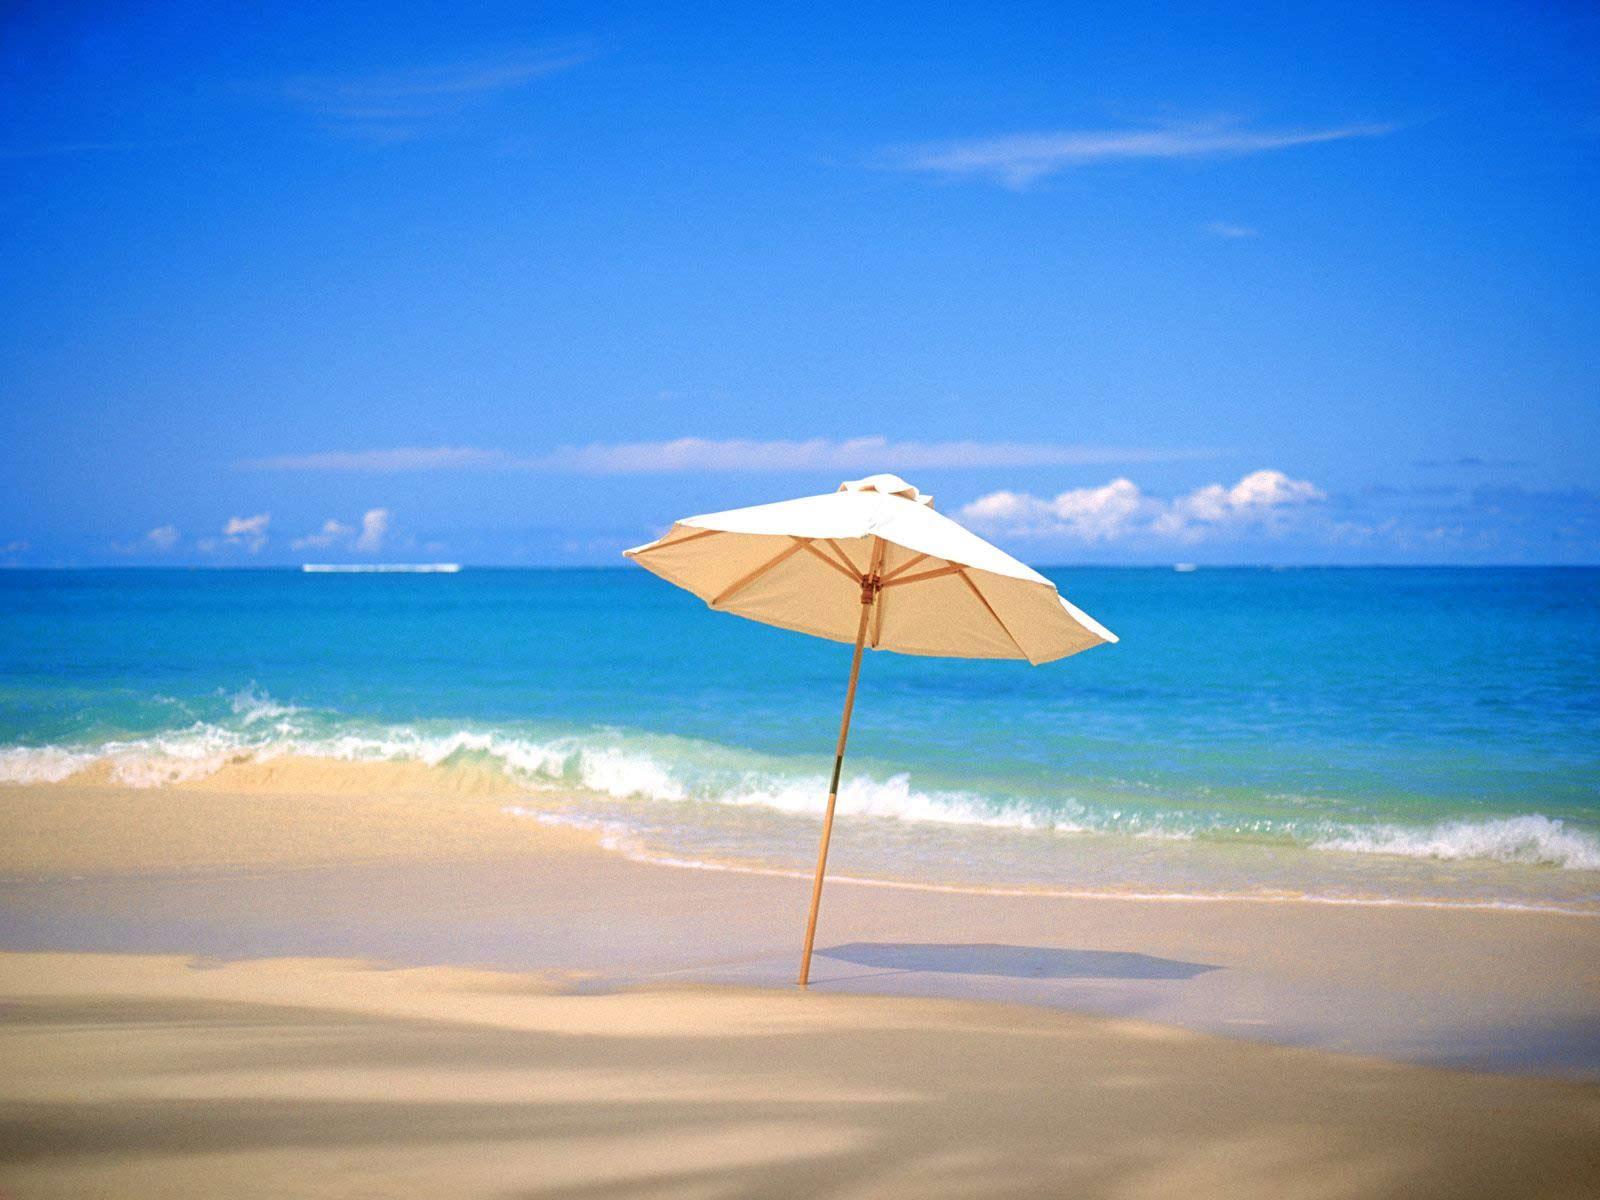 http://1.bp.blogspot.com/_uMe-n1bWg1c/TE_mY2Ck37I/AAAAAAAAAIQ/-qQfZwpszt8/s1600/Coastal_Holiday,_Sand_Beach.jpg